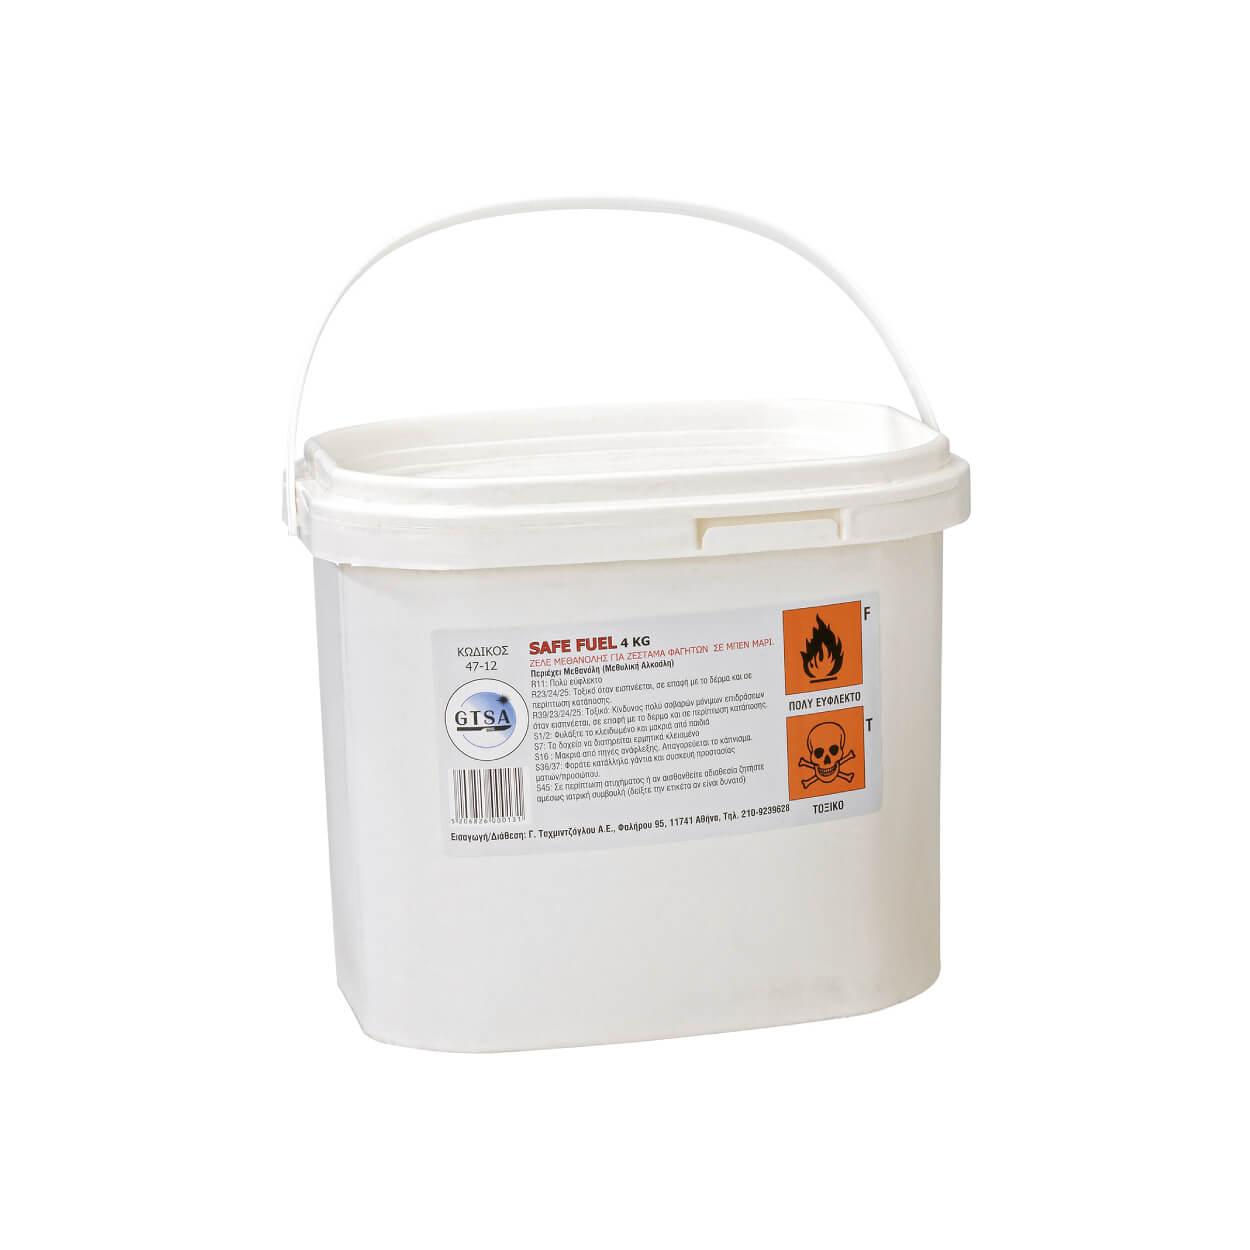 ΣΤΕΡΕΟΠΟΙΗΜΕΝΗ ΜΕΘΑΝΟΛΗ ΓΙΑ ΧΡΗΣΗ ΣΕ ΜΠΕΝ ΜΑΡΙ, SAFE FUEL, 4kg (5lt)